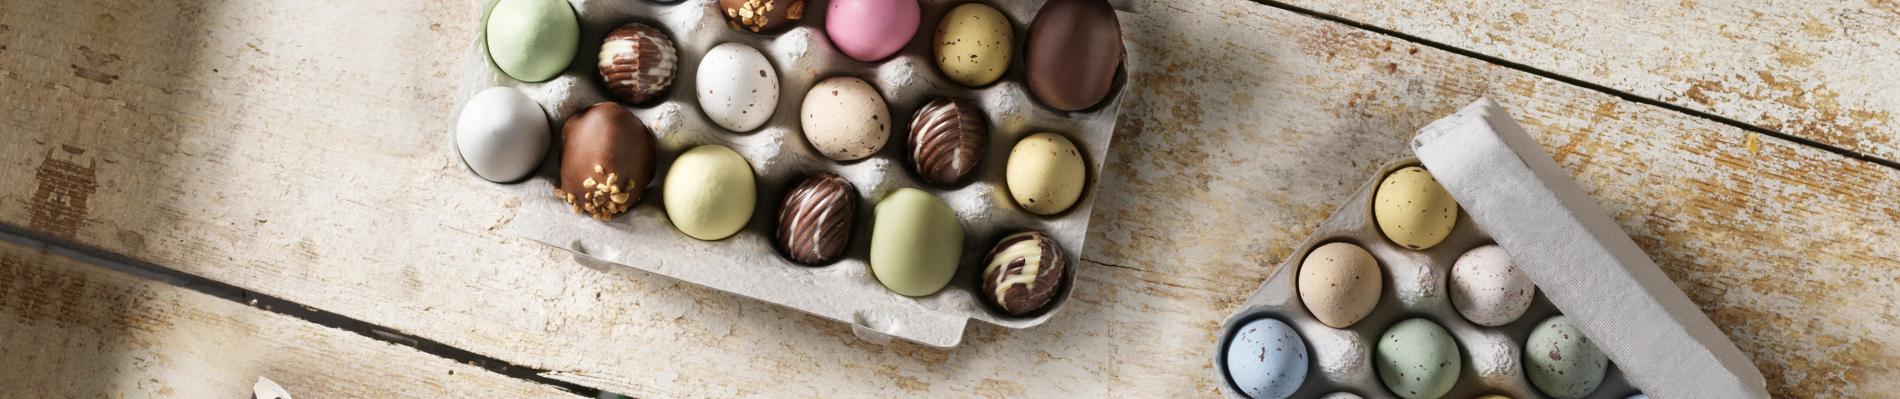 Flotte eggekorton med små sjokoladeegg